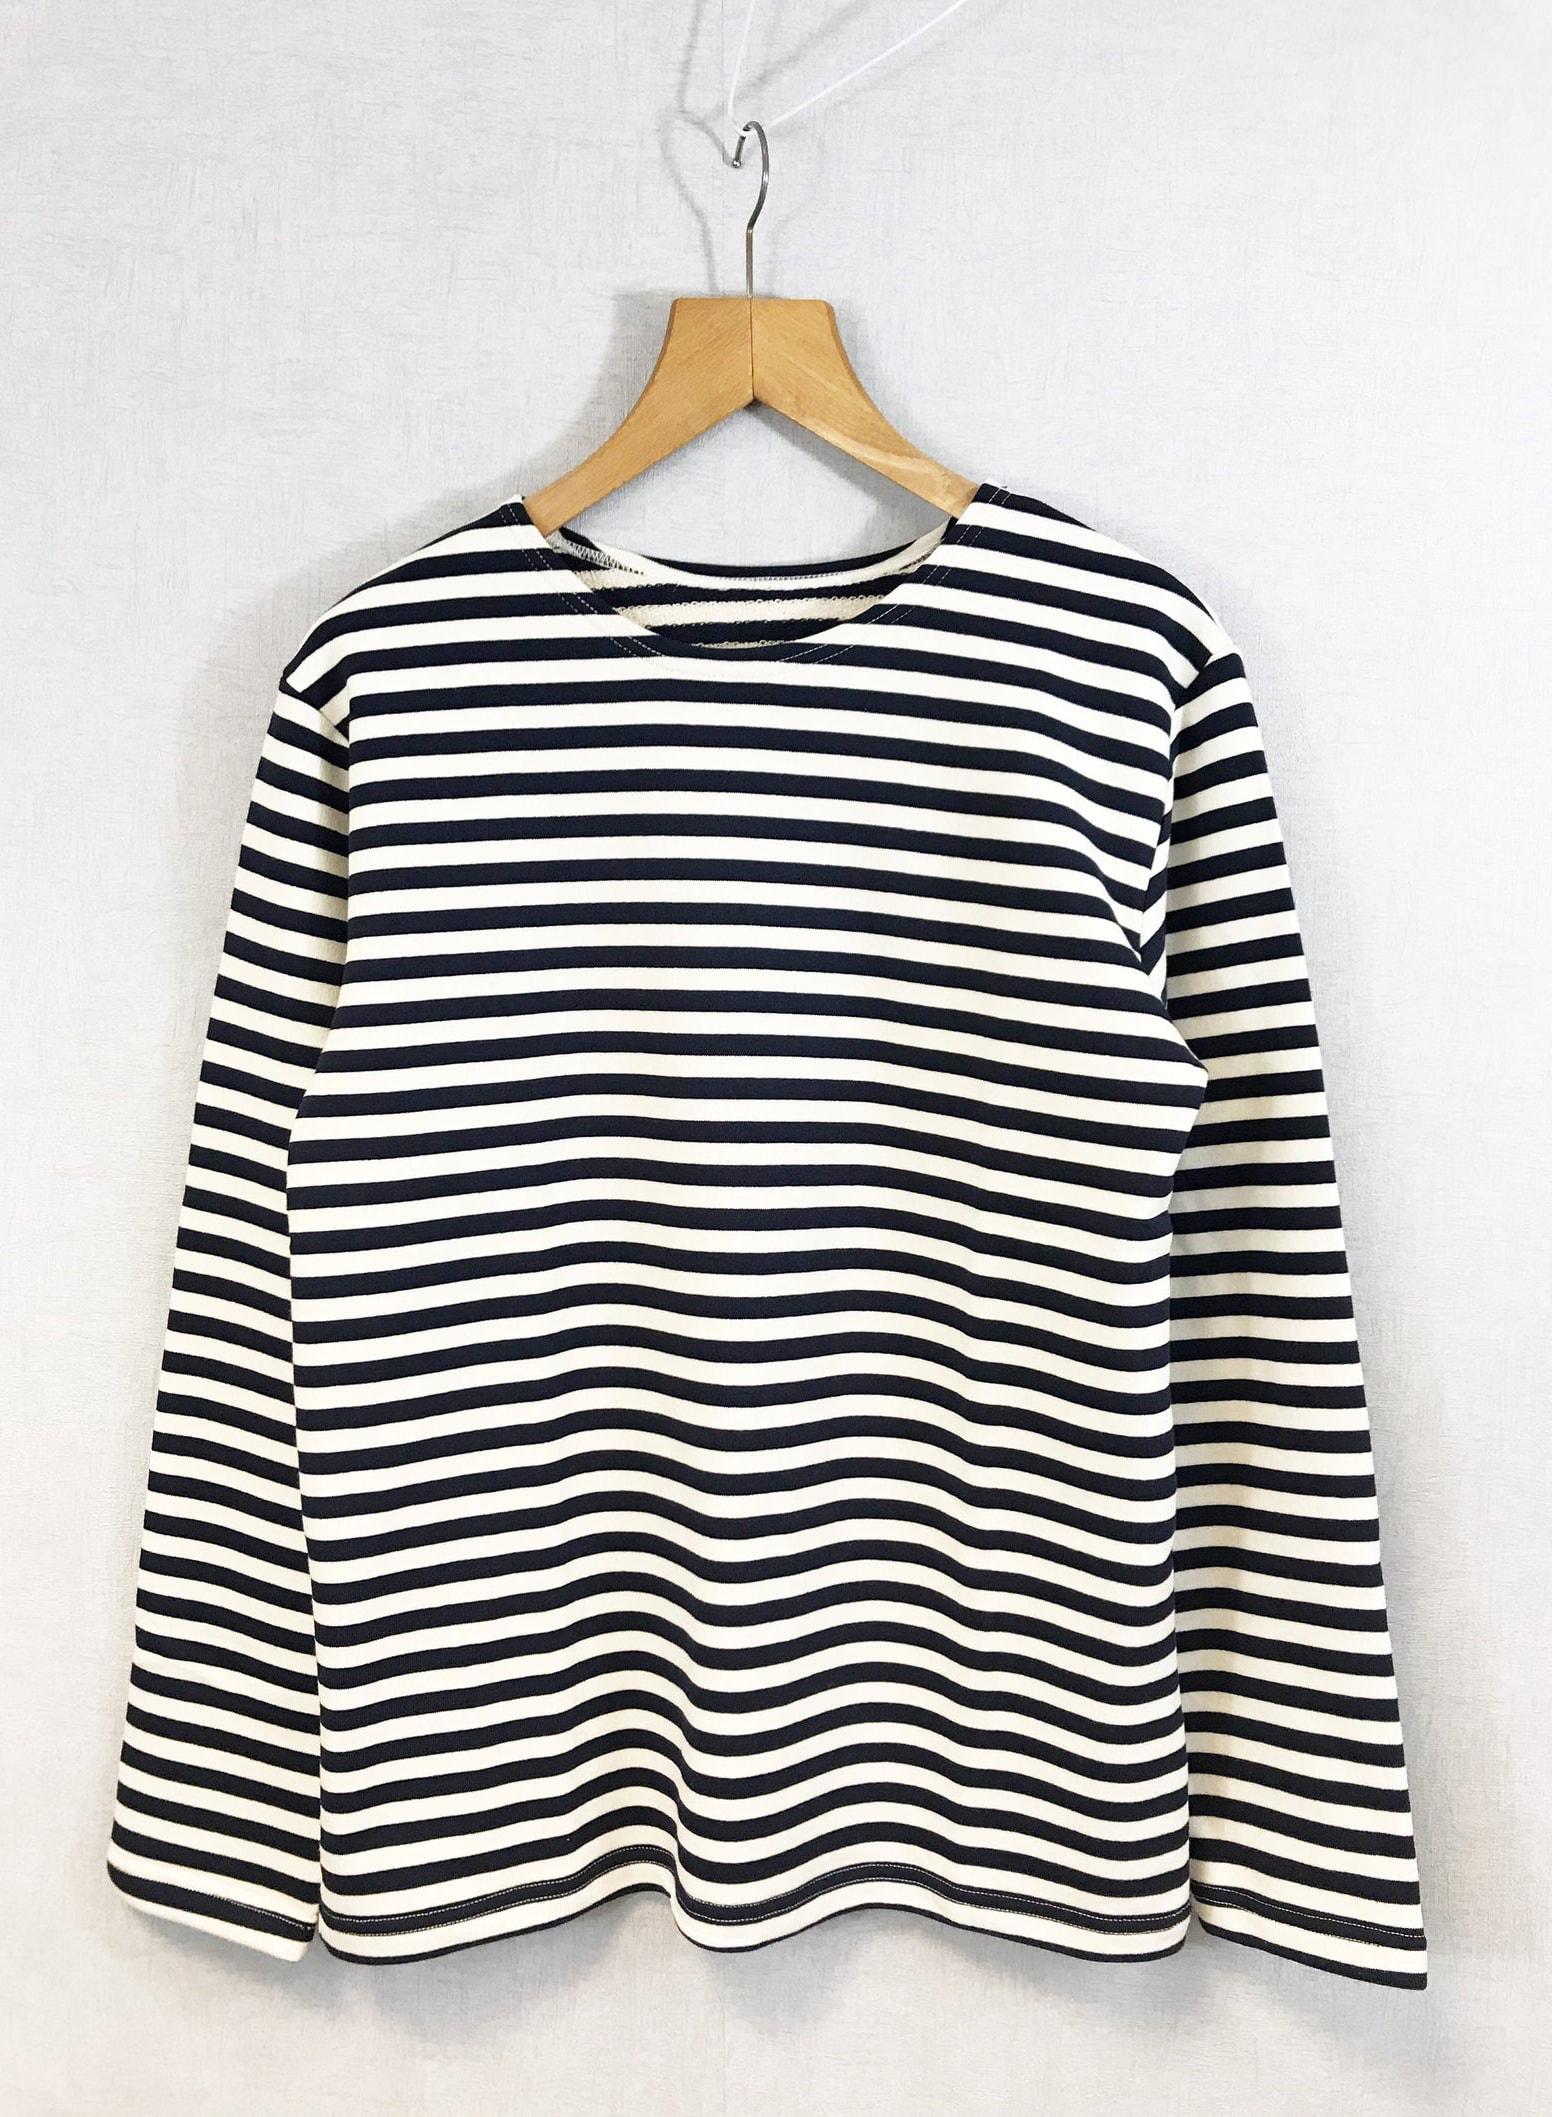 Stripe Breton Top Cotton Sweatshirt Long Sleeve Navy & White Flannel - XS S M L XL 2XL 3XL